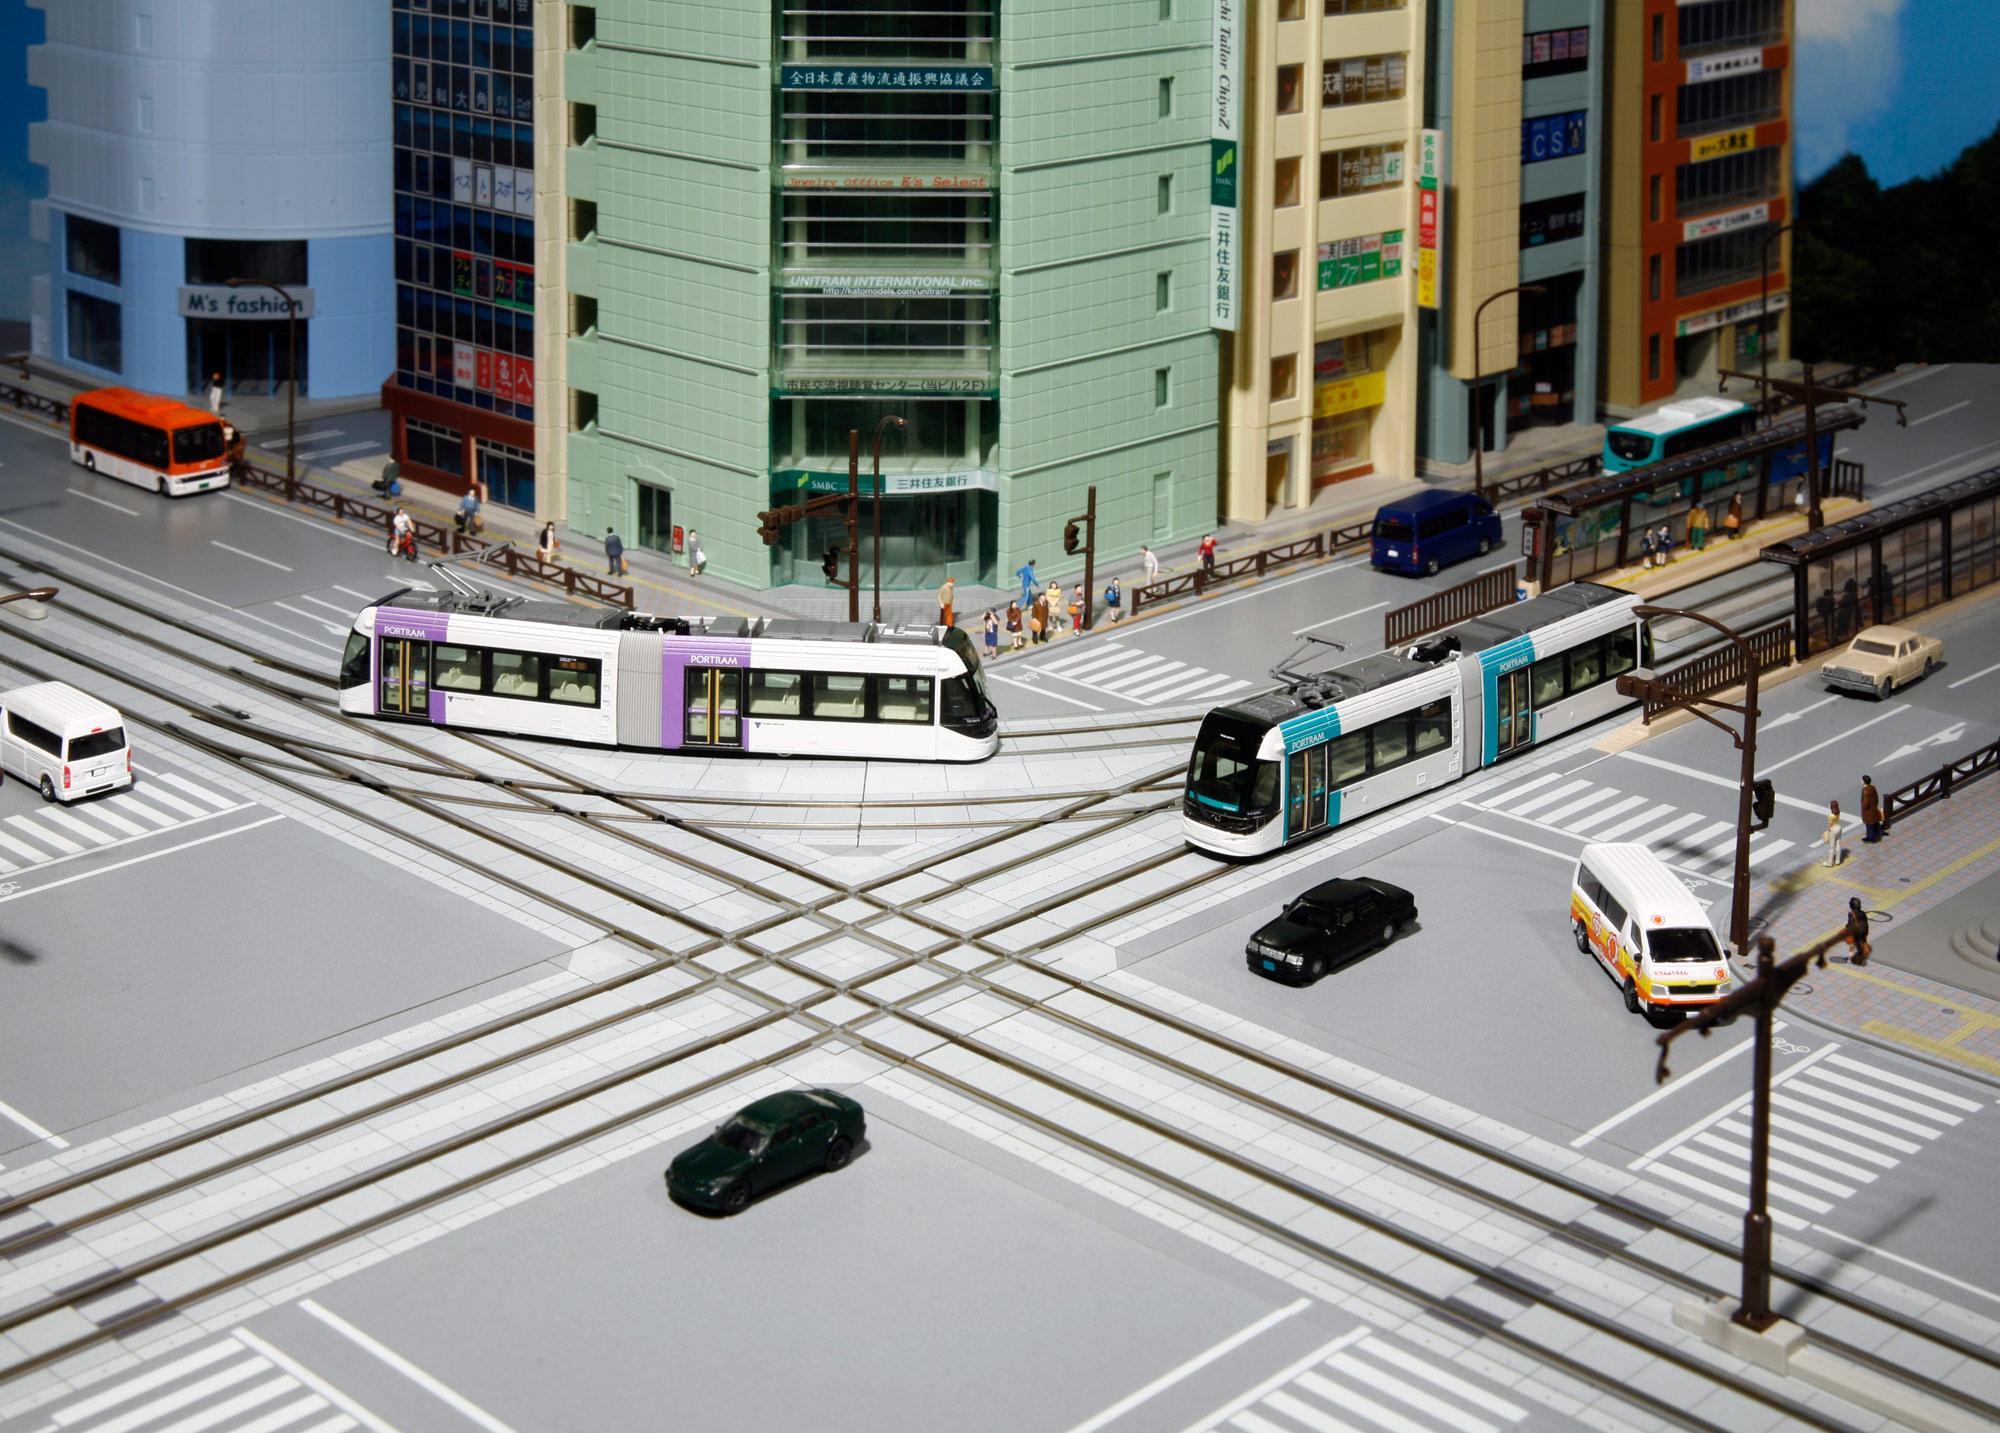 ユニトラム_交差点イメージ